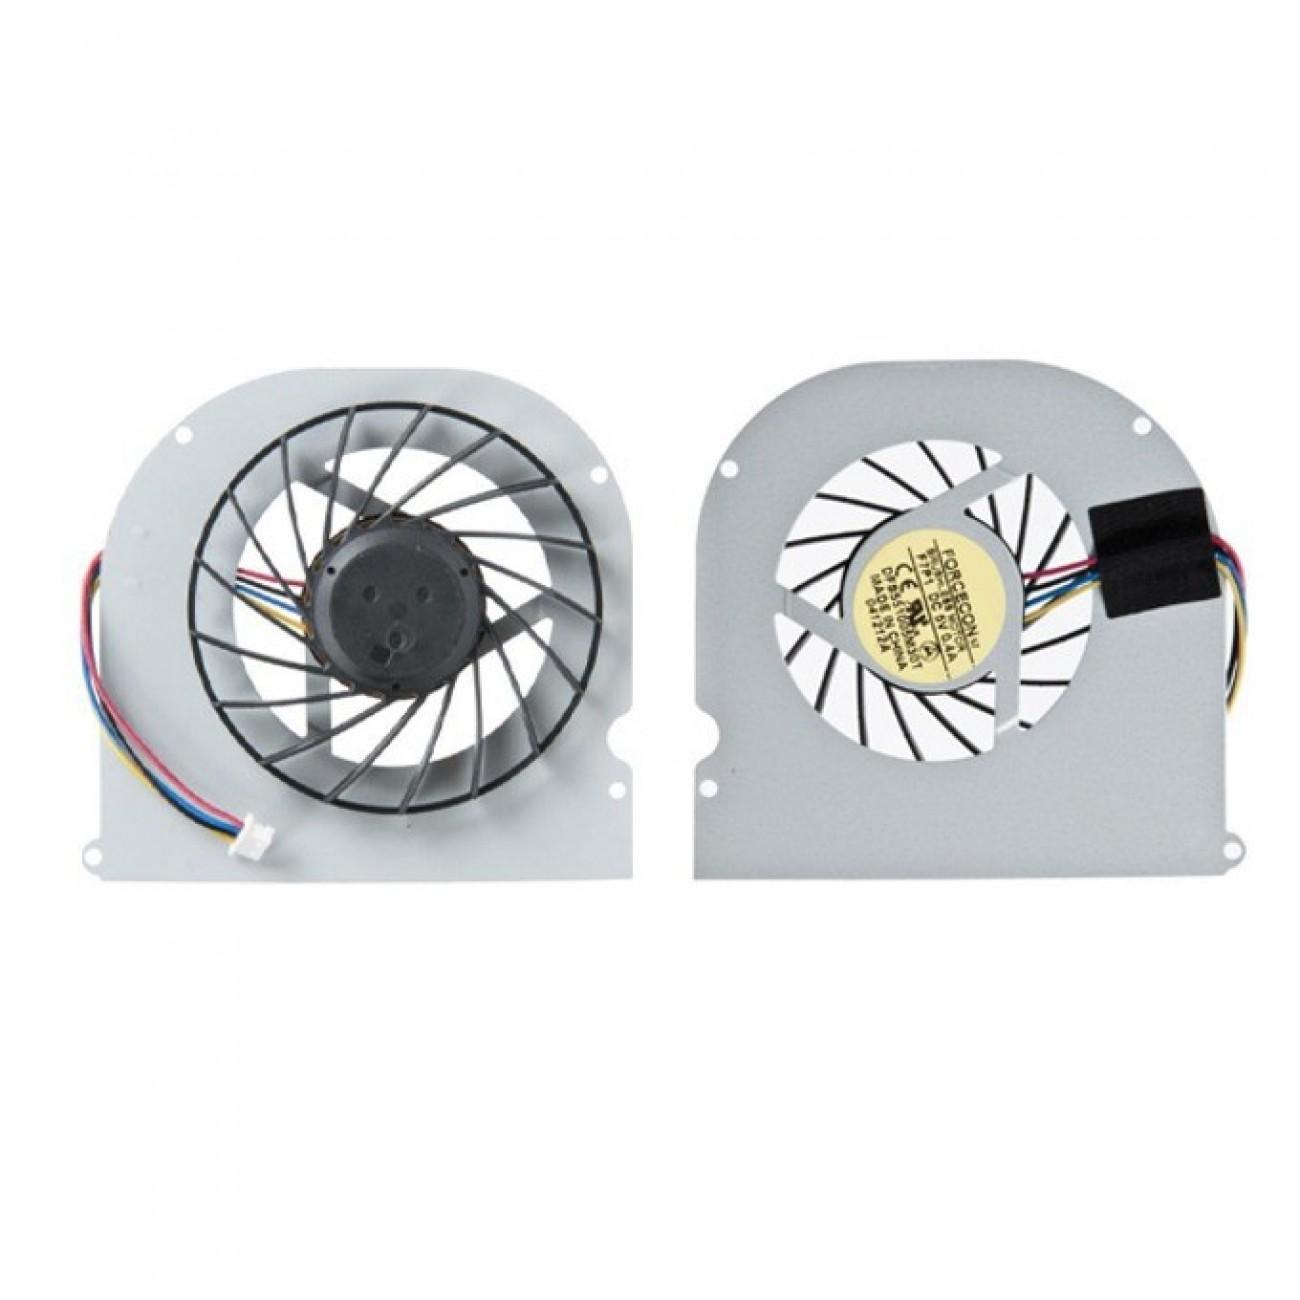 Вентилатор за лаптоп, съвместим с Asus F80 X82 F81 в Резервни части -  | Alleop